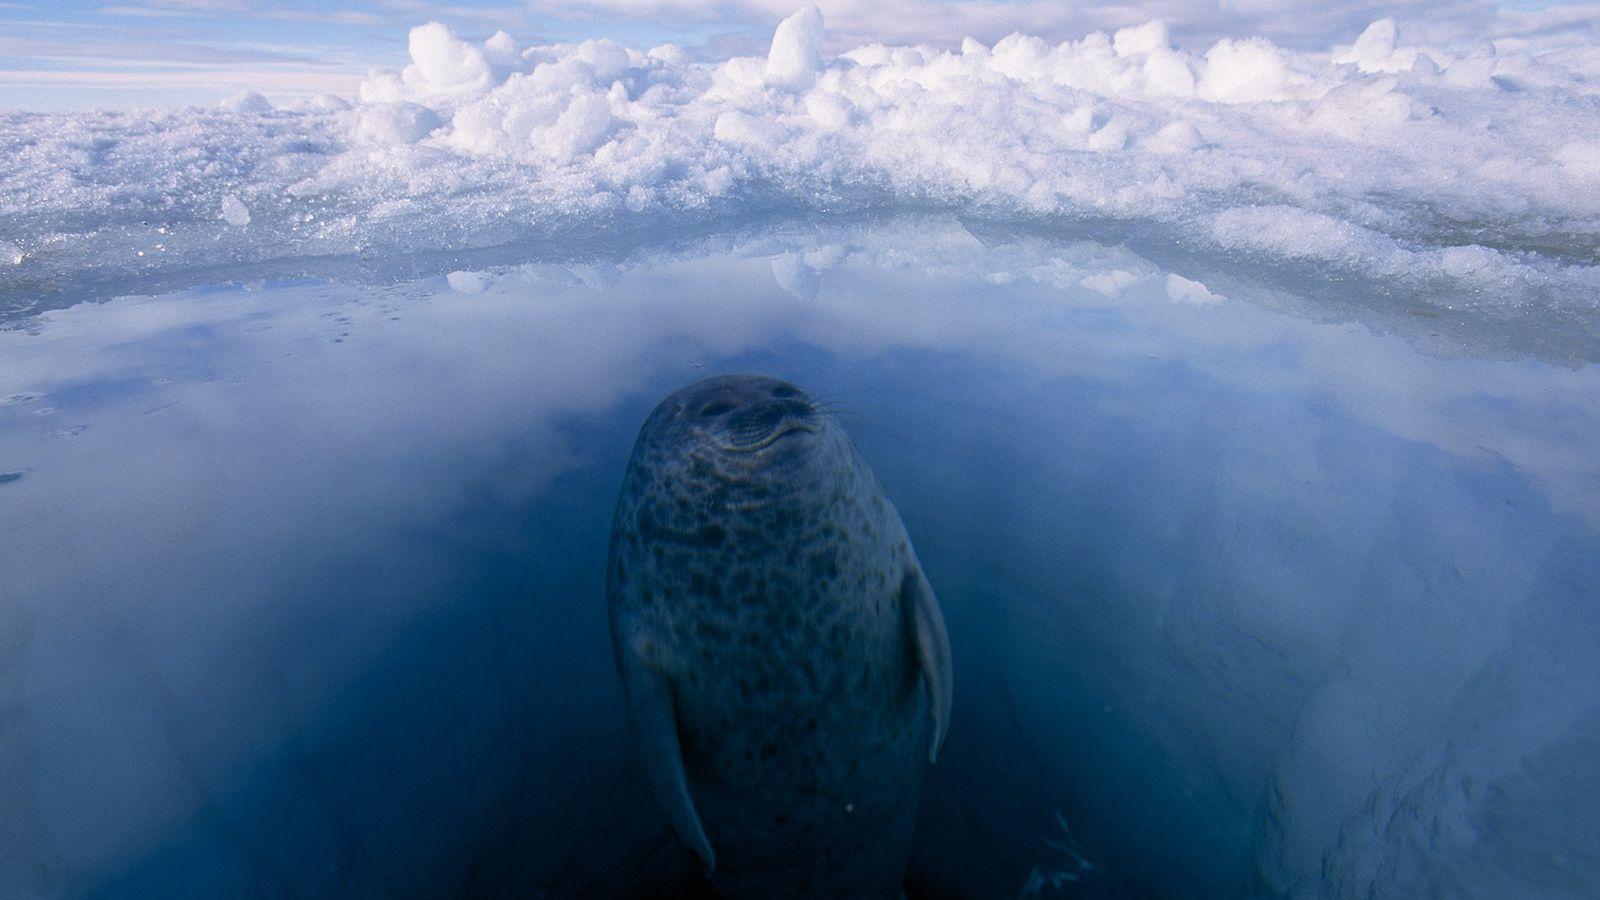 Uma foca-anelada a surgir de um buraco de gelo marinho, no Ártico. As focas-aneladas mantêm-se quentes ...